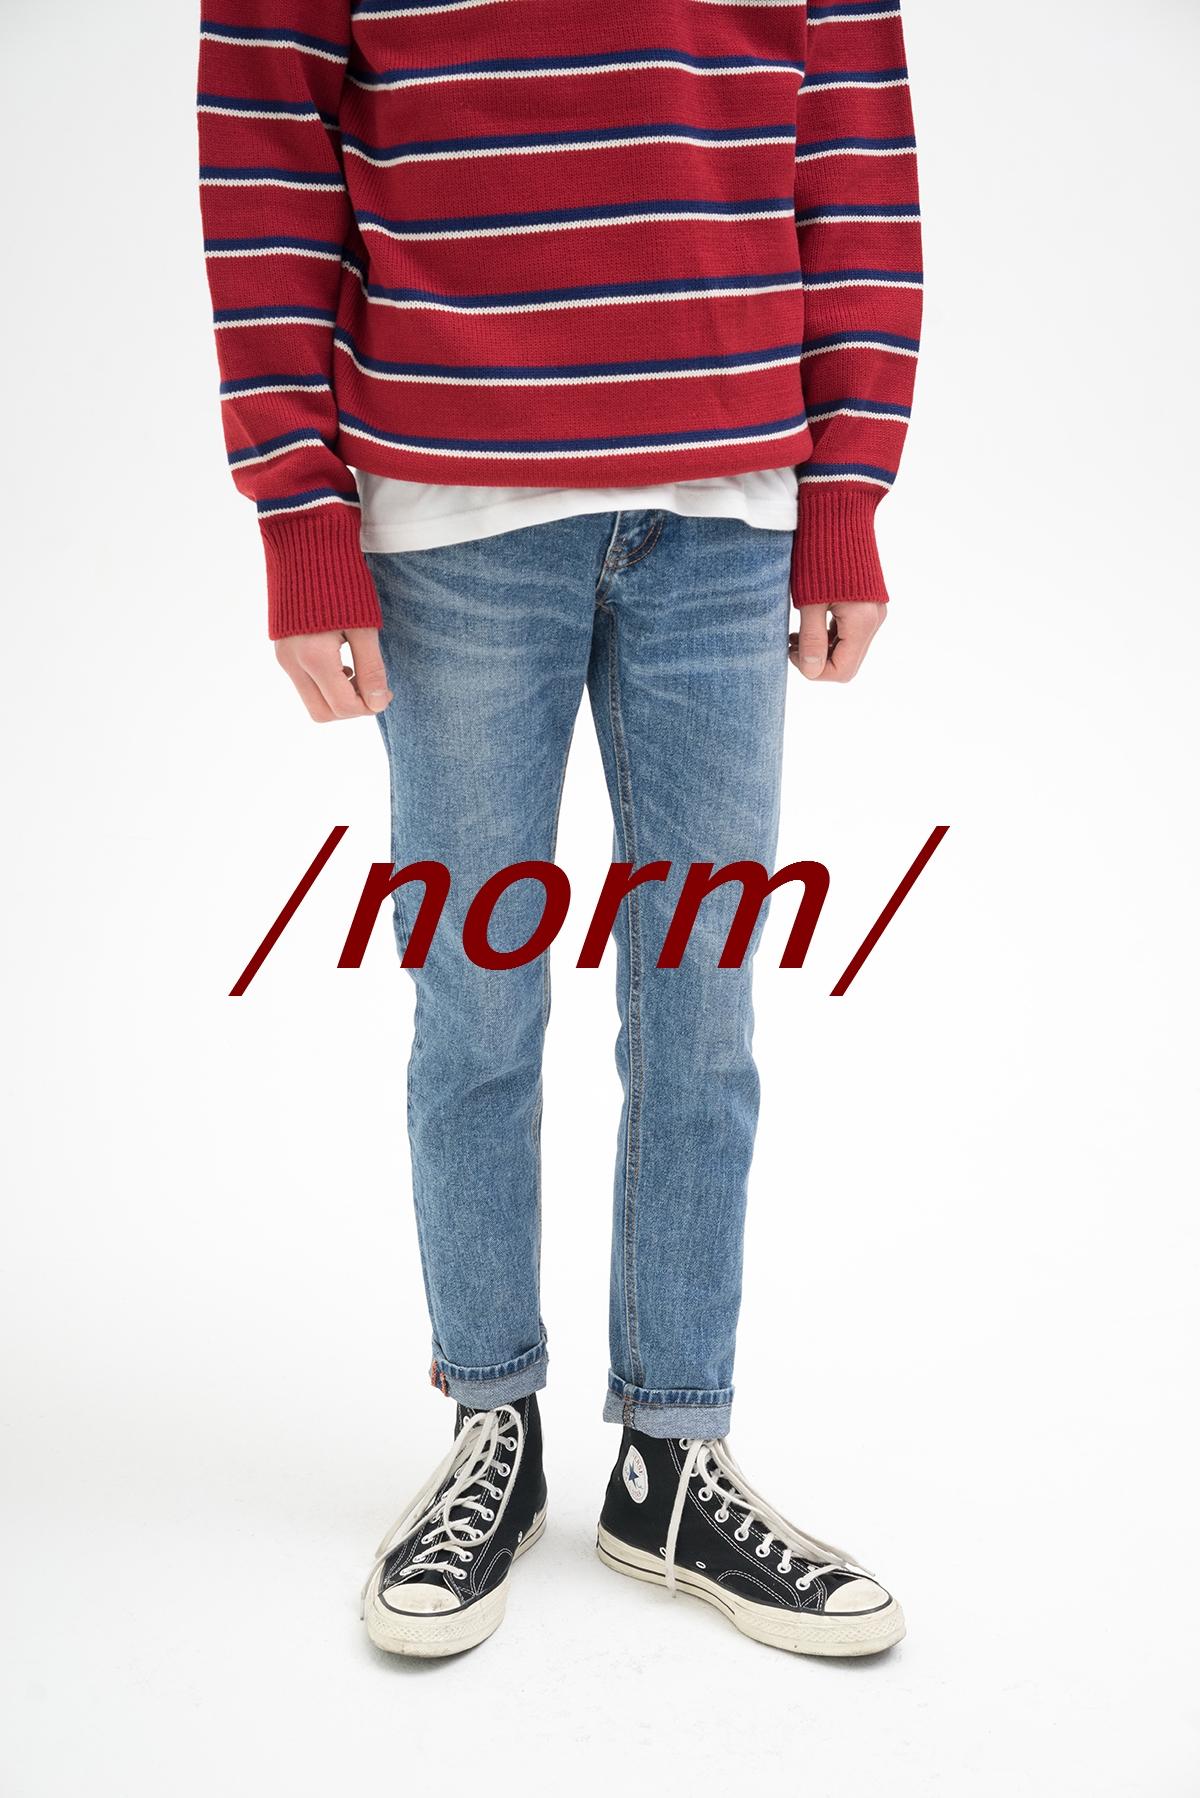 Normcore - quando per essere cool non devi indossare niente di particolare